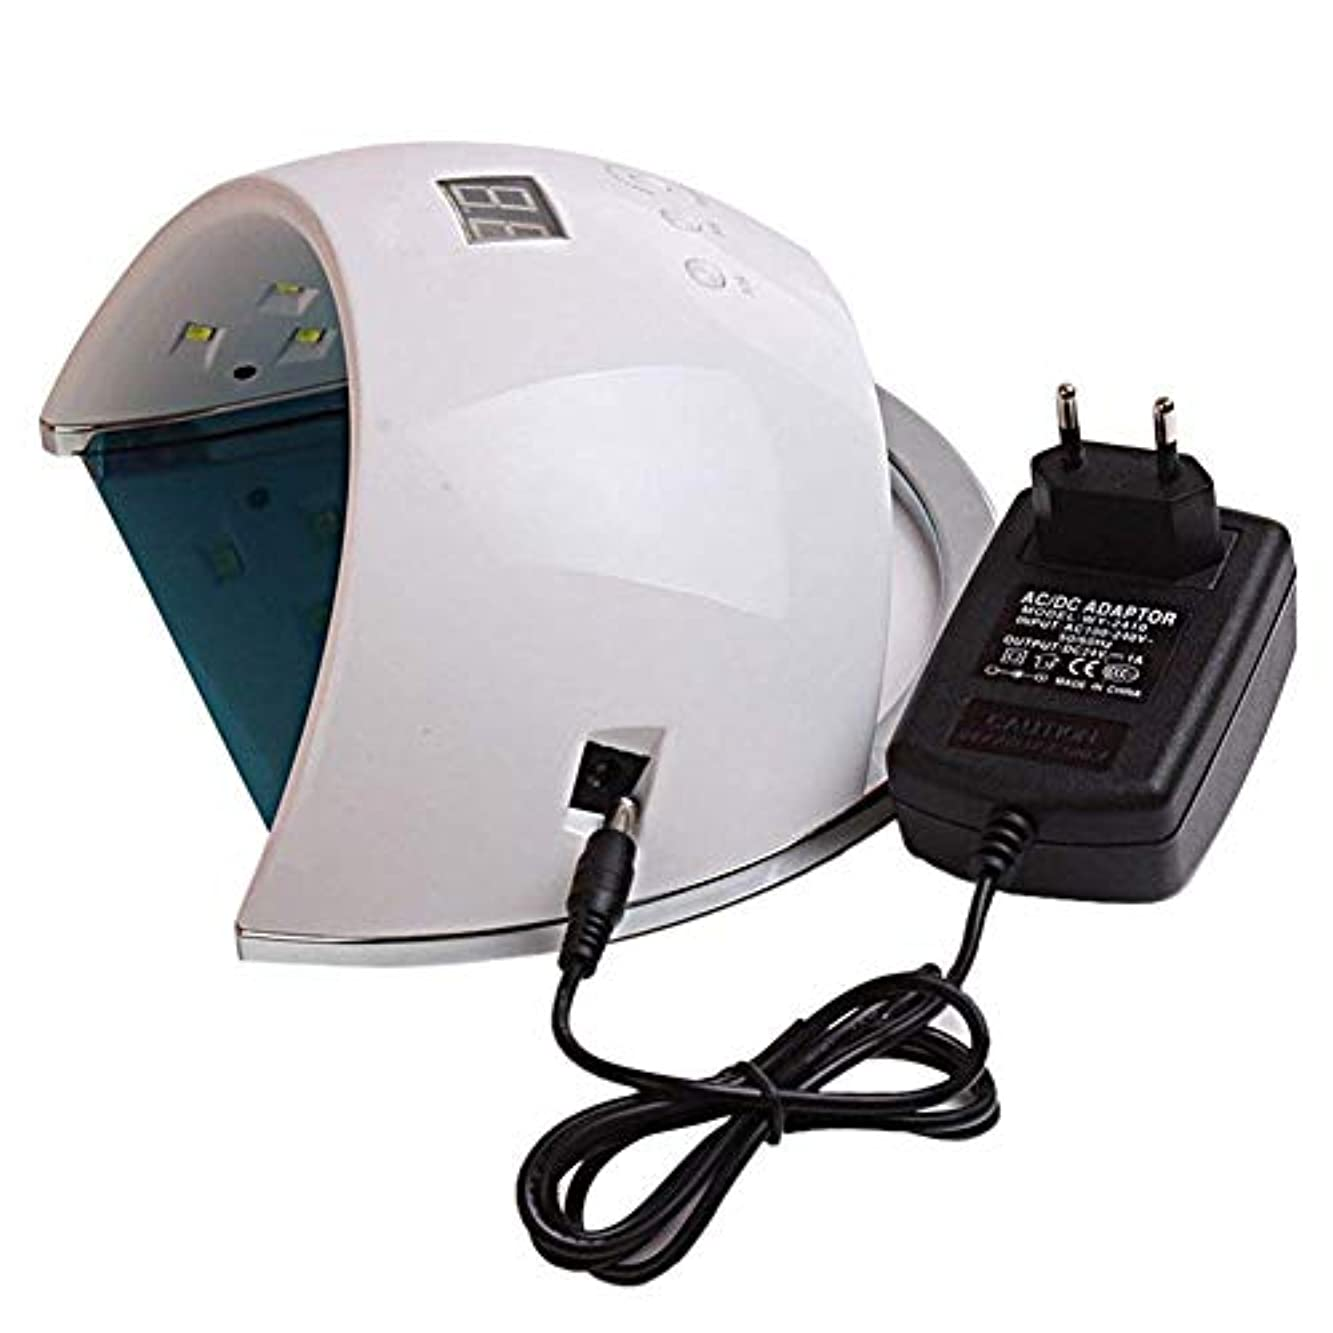 要旨しないキャラバンネイルドライヤーランプ用ネイル48W SUN6 UV LEDランプポータブル高品質ネイルドラムセンサーとLCD硬化UVネイルジェルネイルツールufランプ、画像としての色